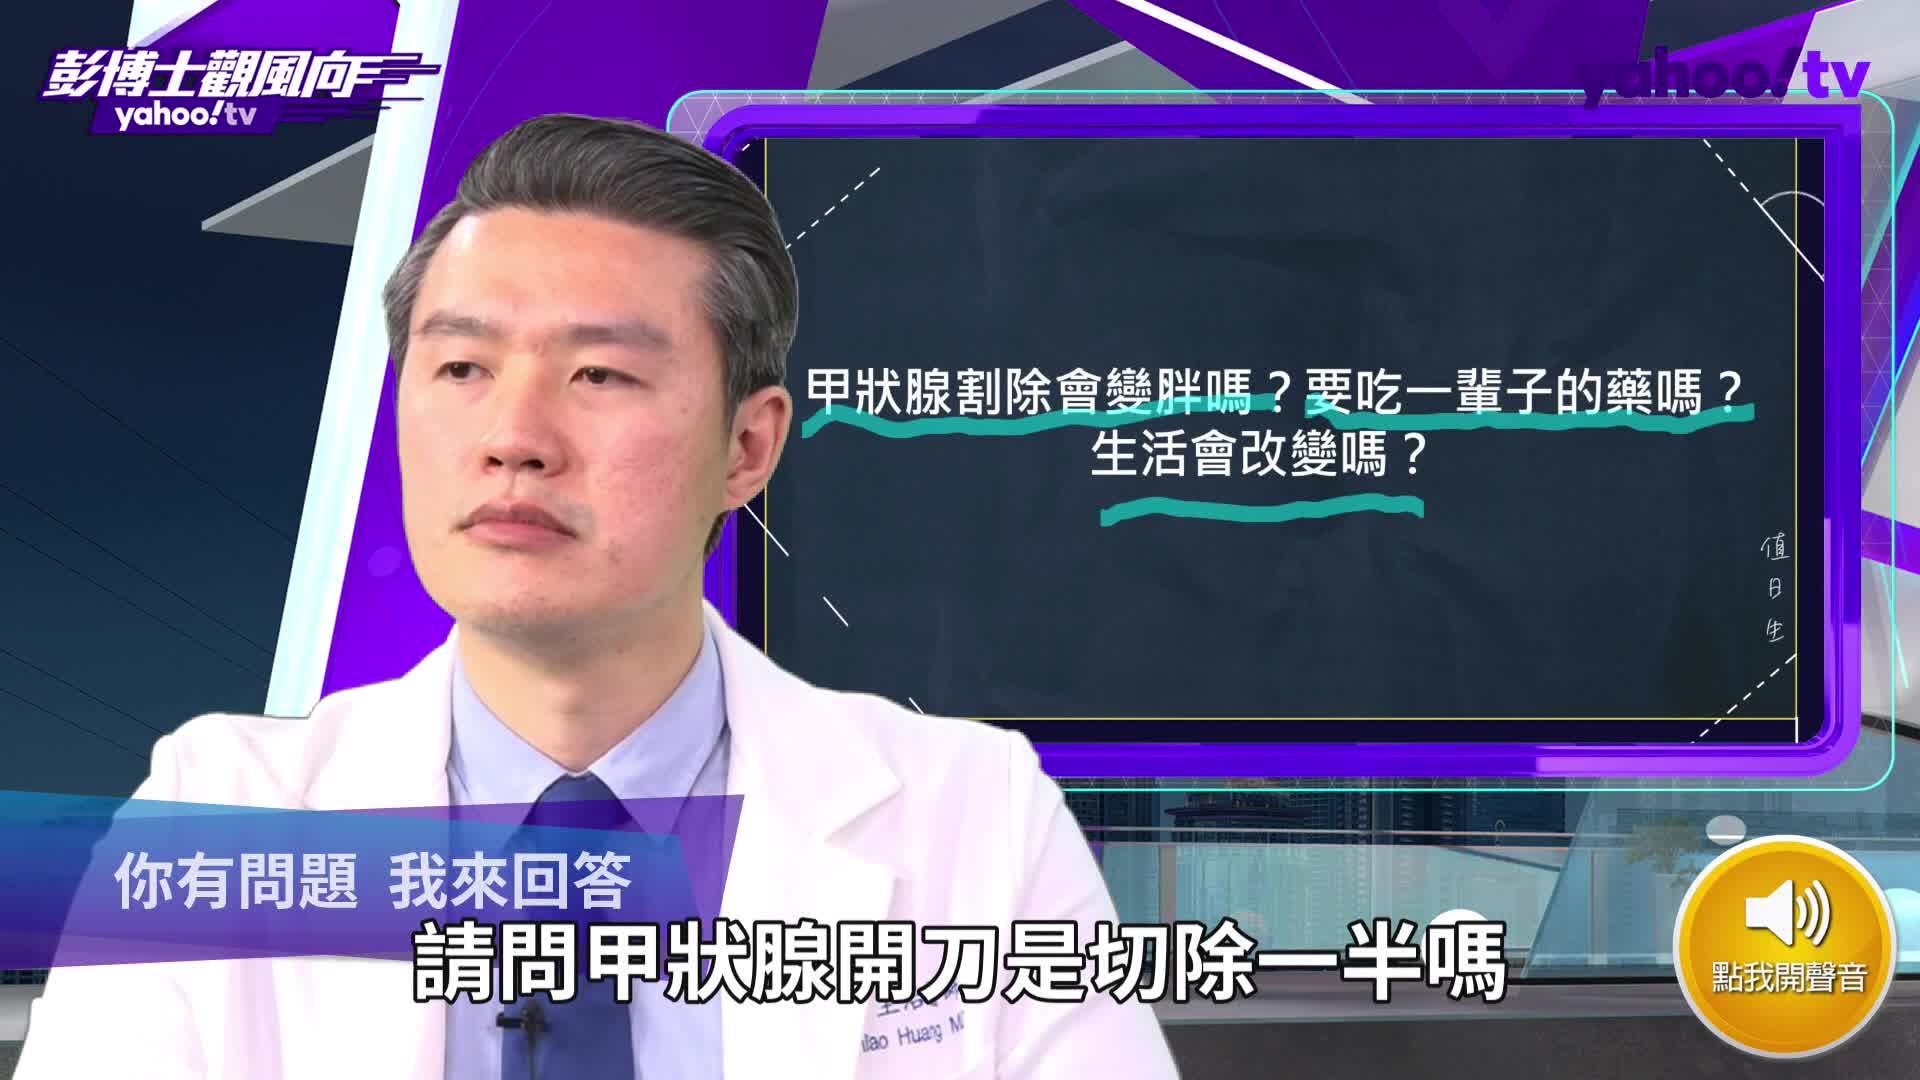 甲狀腺亢進沒處理好 當心甲狀腺激素分泌過量會致命